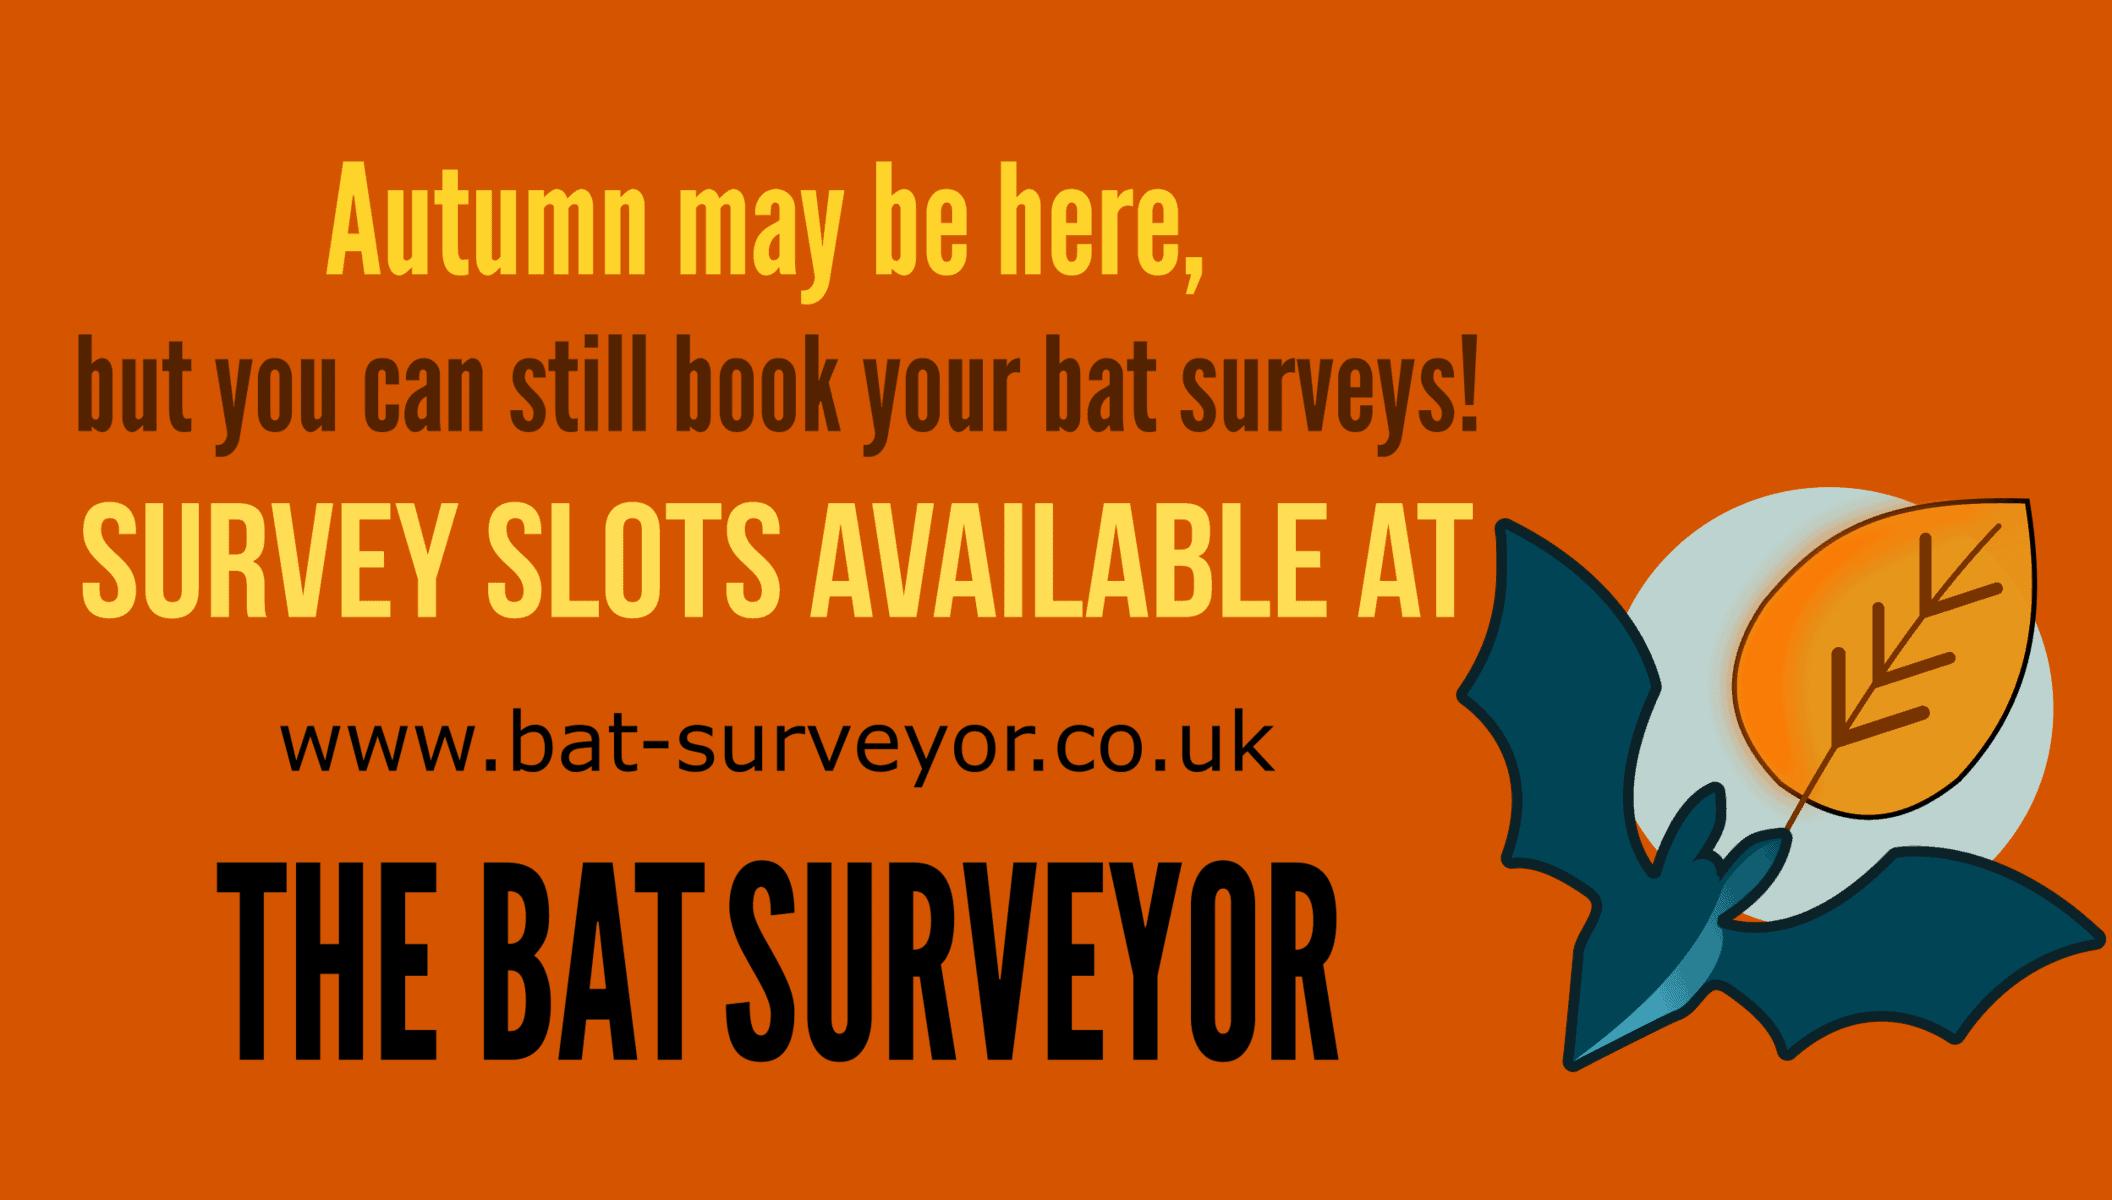 Autumn bat survey